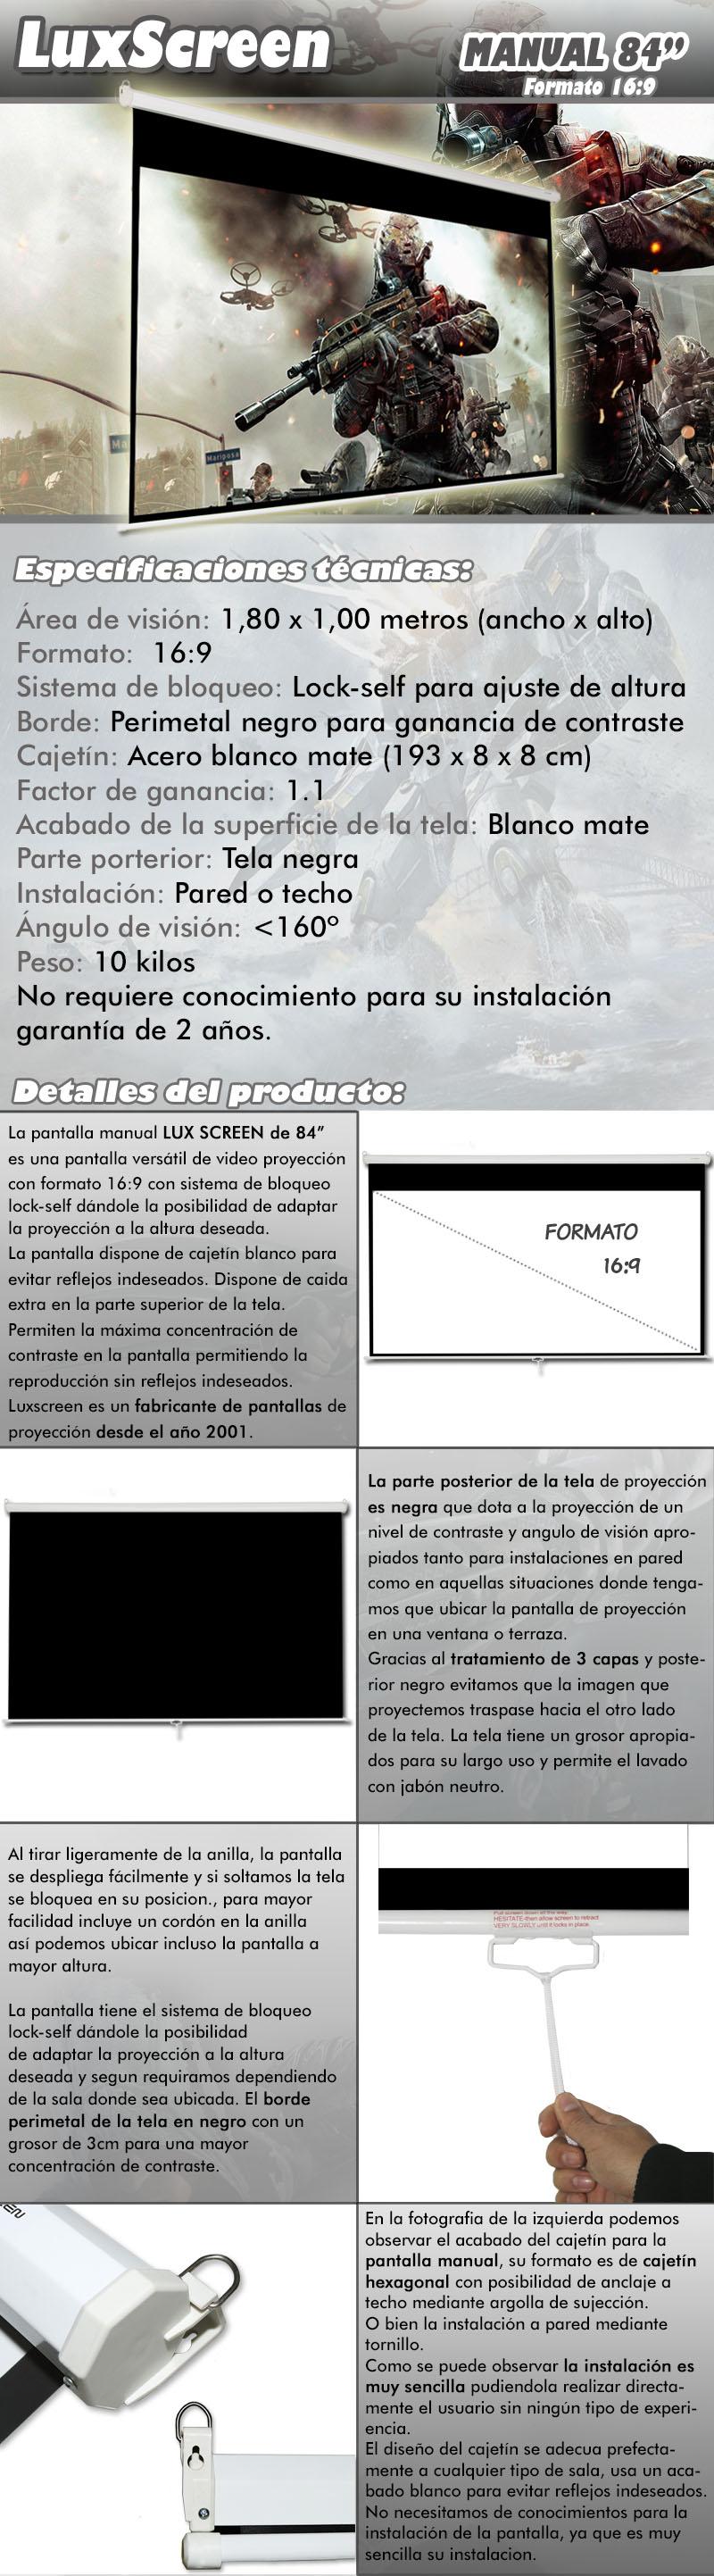 pantalla de proyeccion manual de 84 pulgadas marca luxscreen, es una pantalla versatil de video proyeccion con formato 16:9 y sistema de frenada a varias alturas,  Su remarco perimetal negro y el nuevo diseño de cajetin blanco lacado permiten la maxima concentracion de contraste en la pantalla permitiendo la reproduccion sin reflejos indeseados. Luxscreen es un fabricante de pantalla de proyeccion desde el año 2001